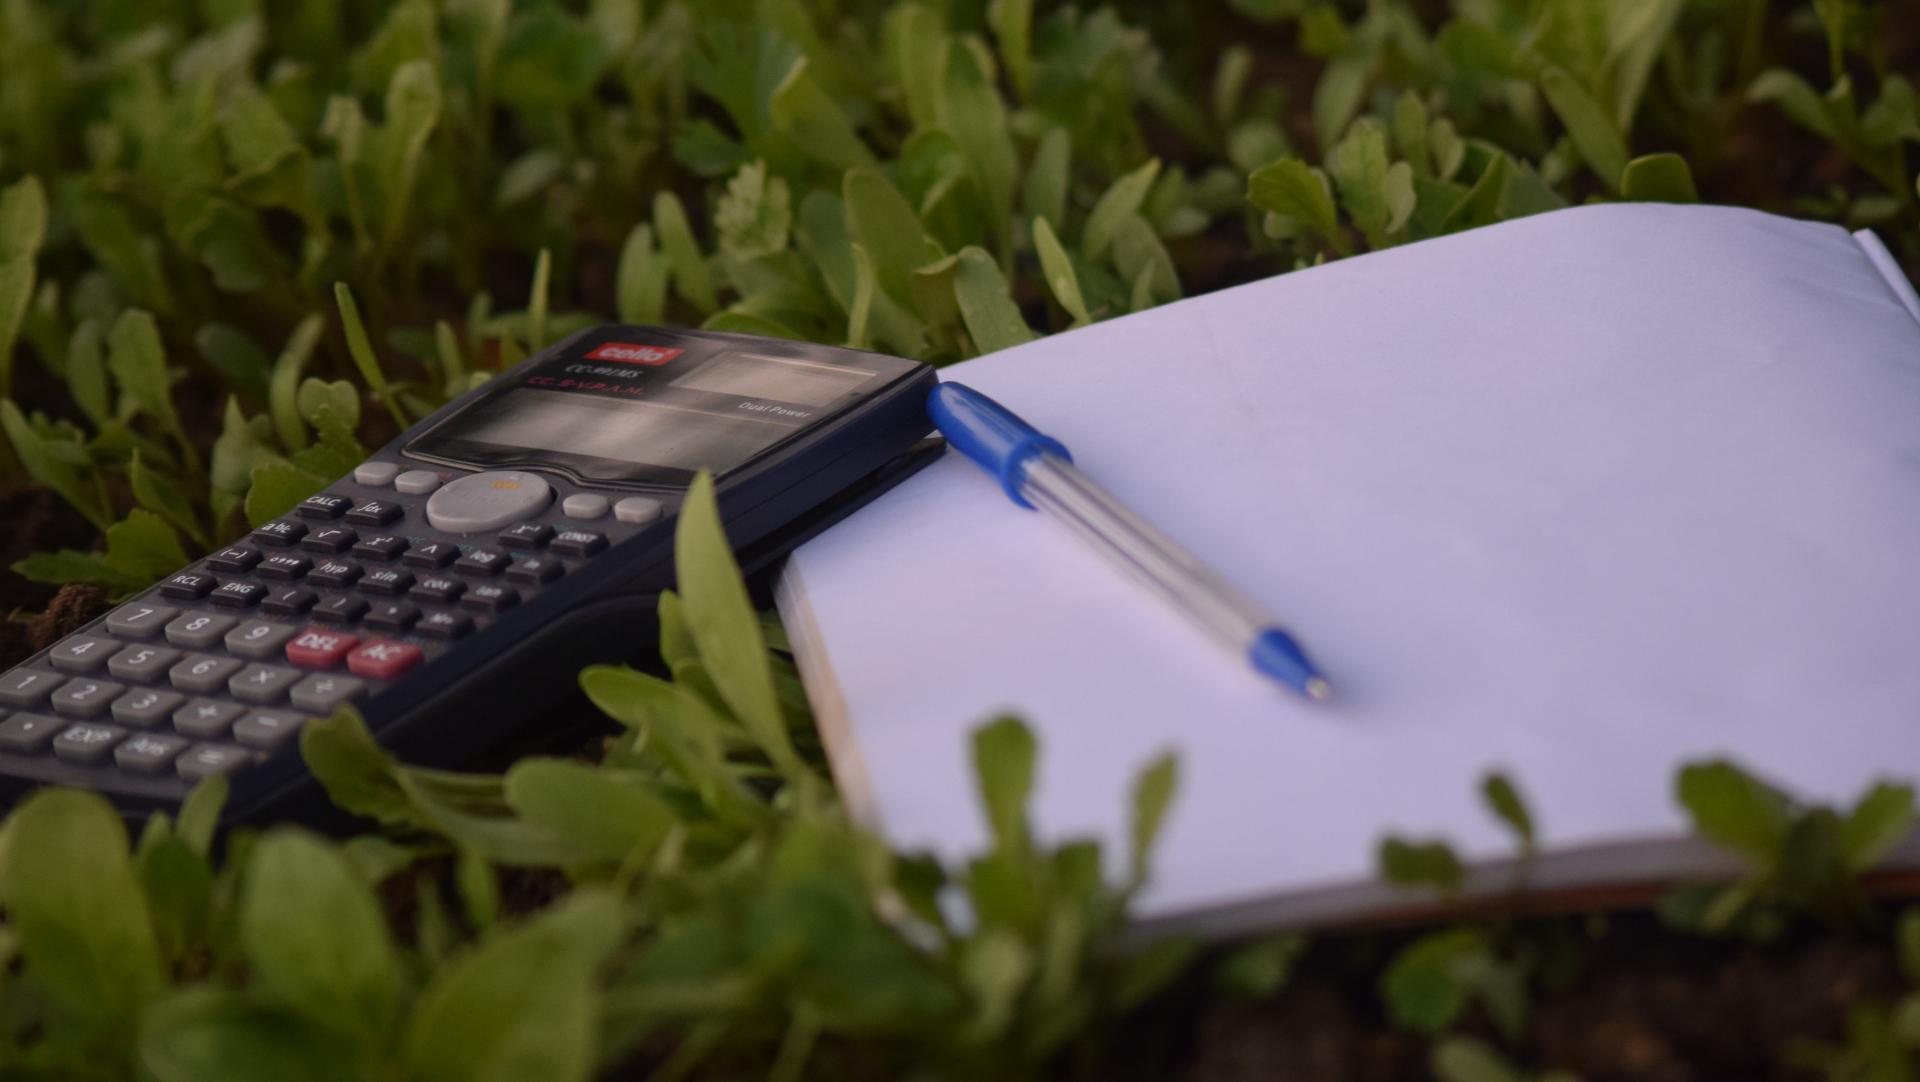 Gestire la contabilità aziendale grazie al software ERP